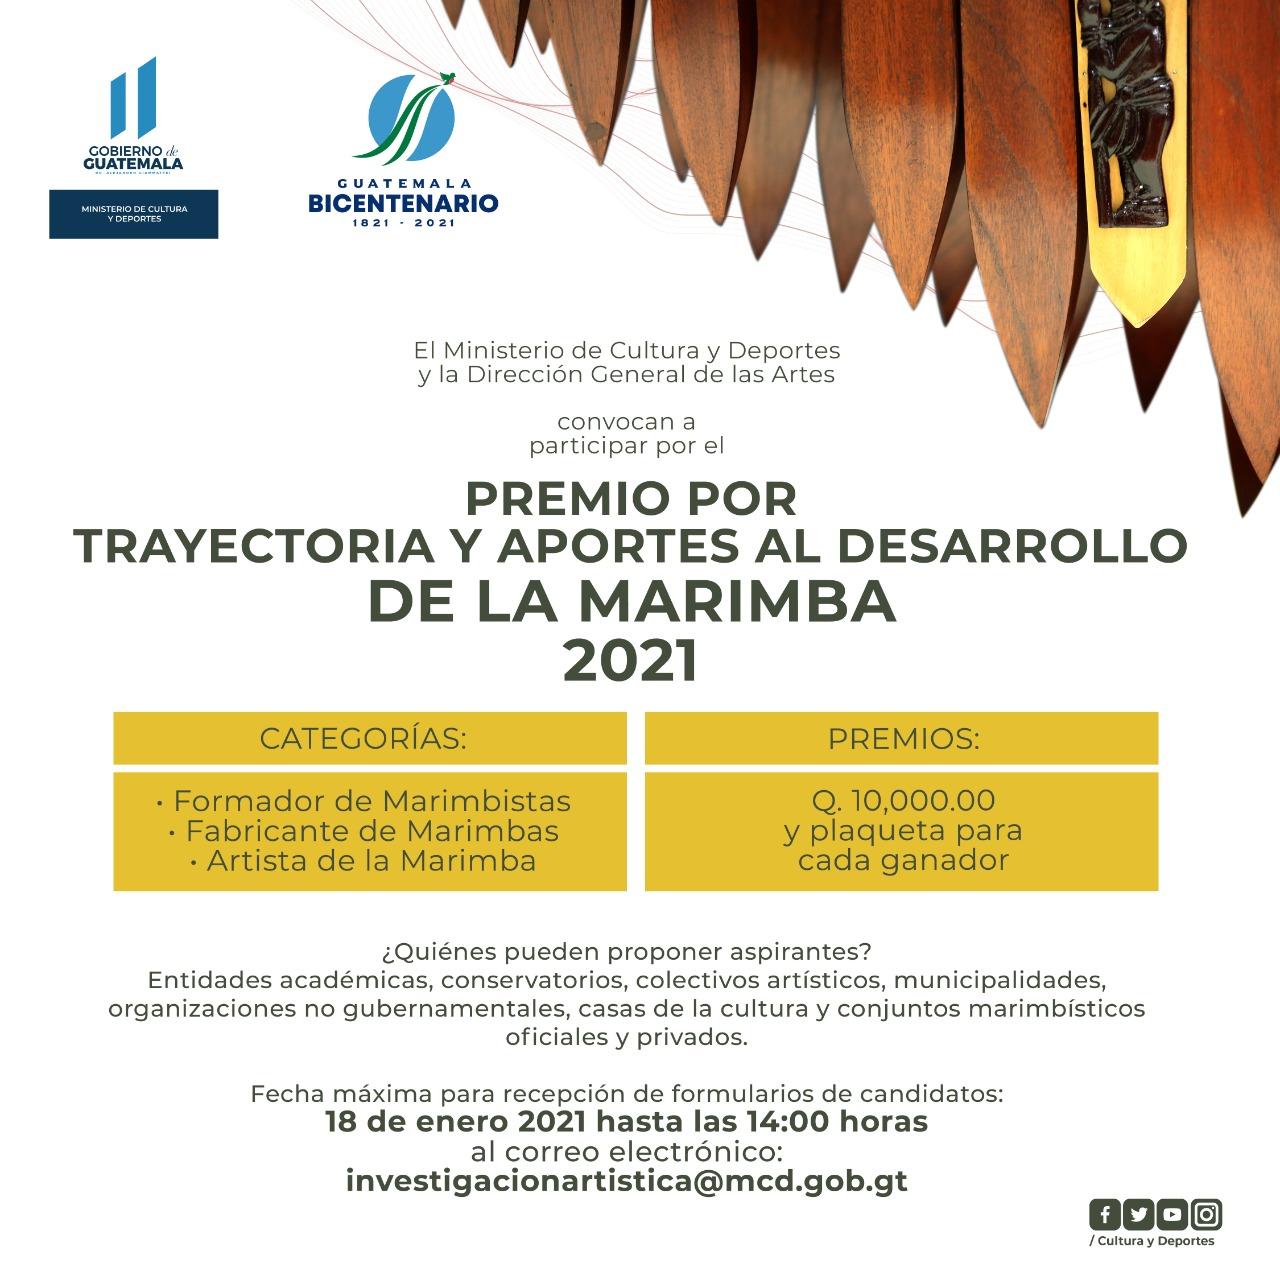 Convocatoria al «Premio por Trayectoria y Aportes al Desarrollo de la Marimba 2021»